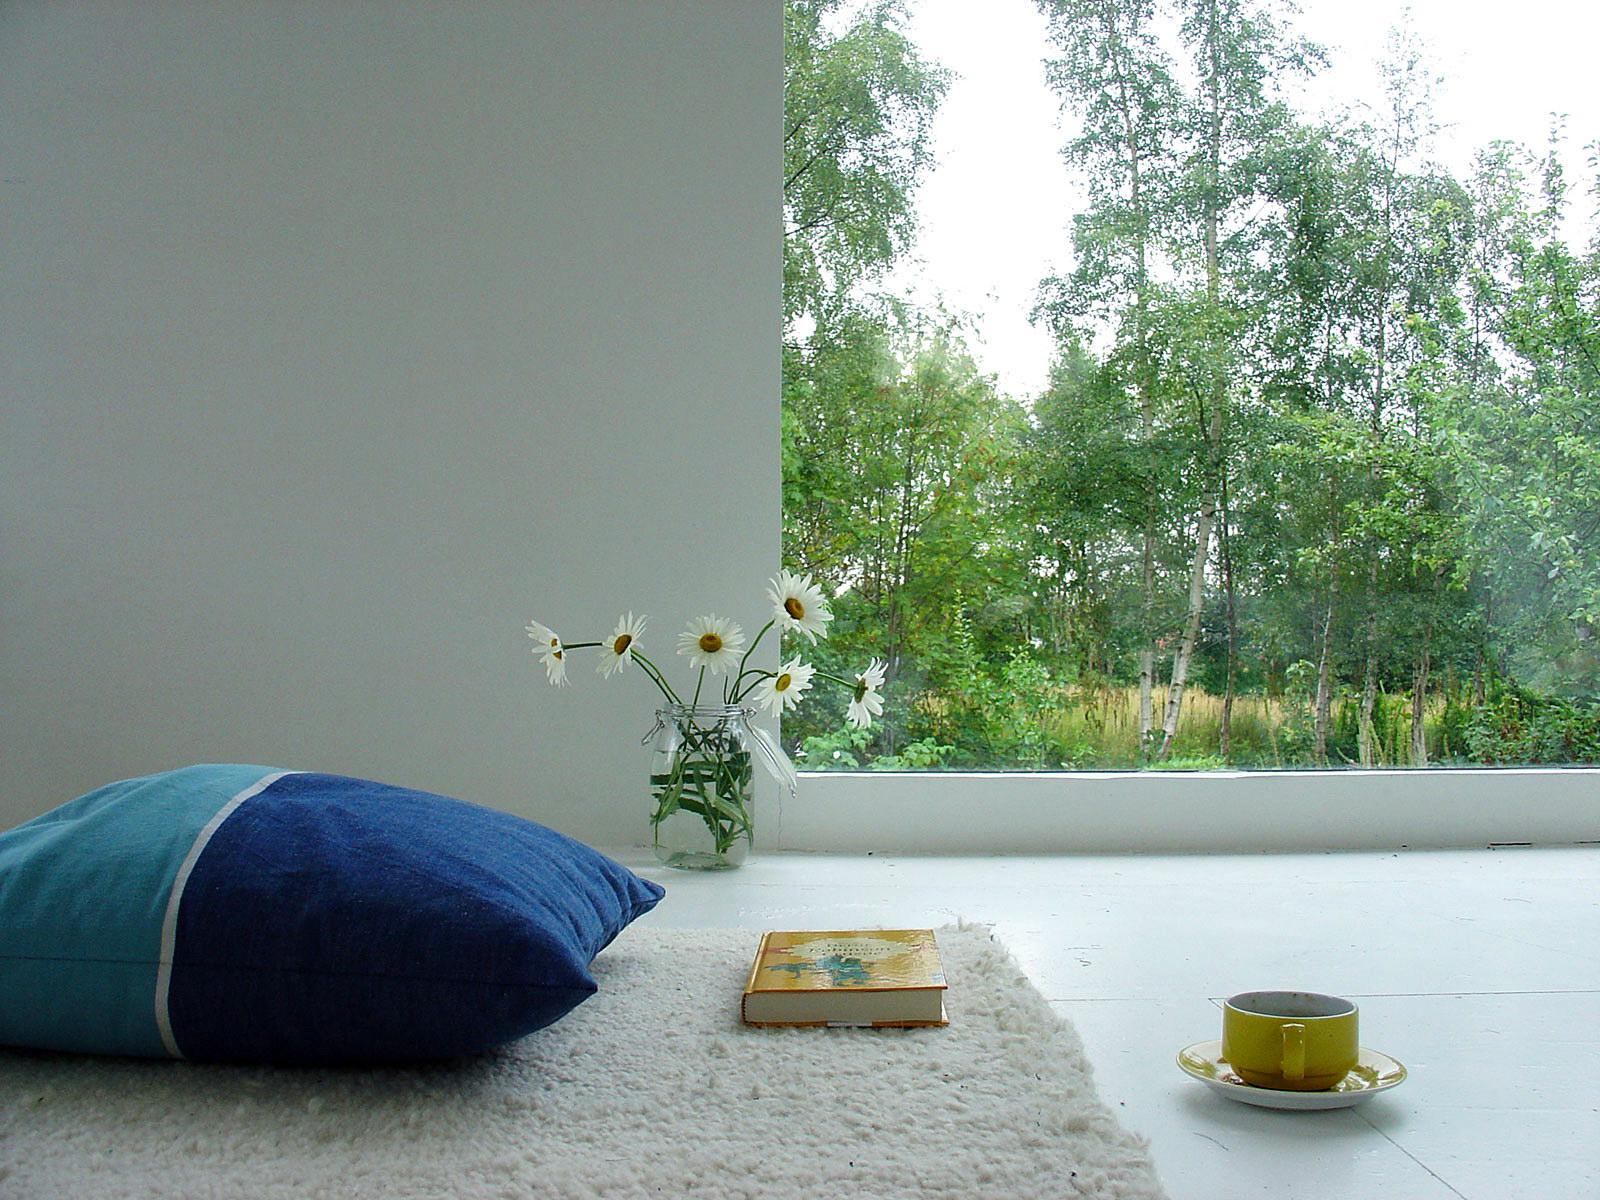 Kolonihagen by Tommie Wilhelmsen